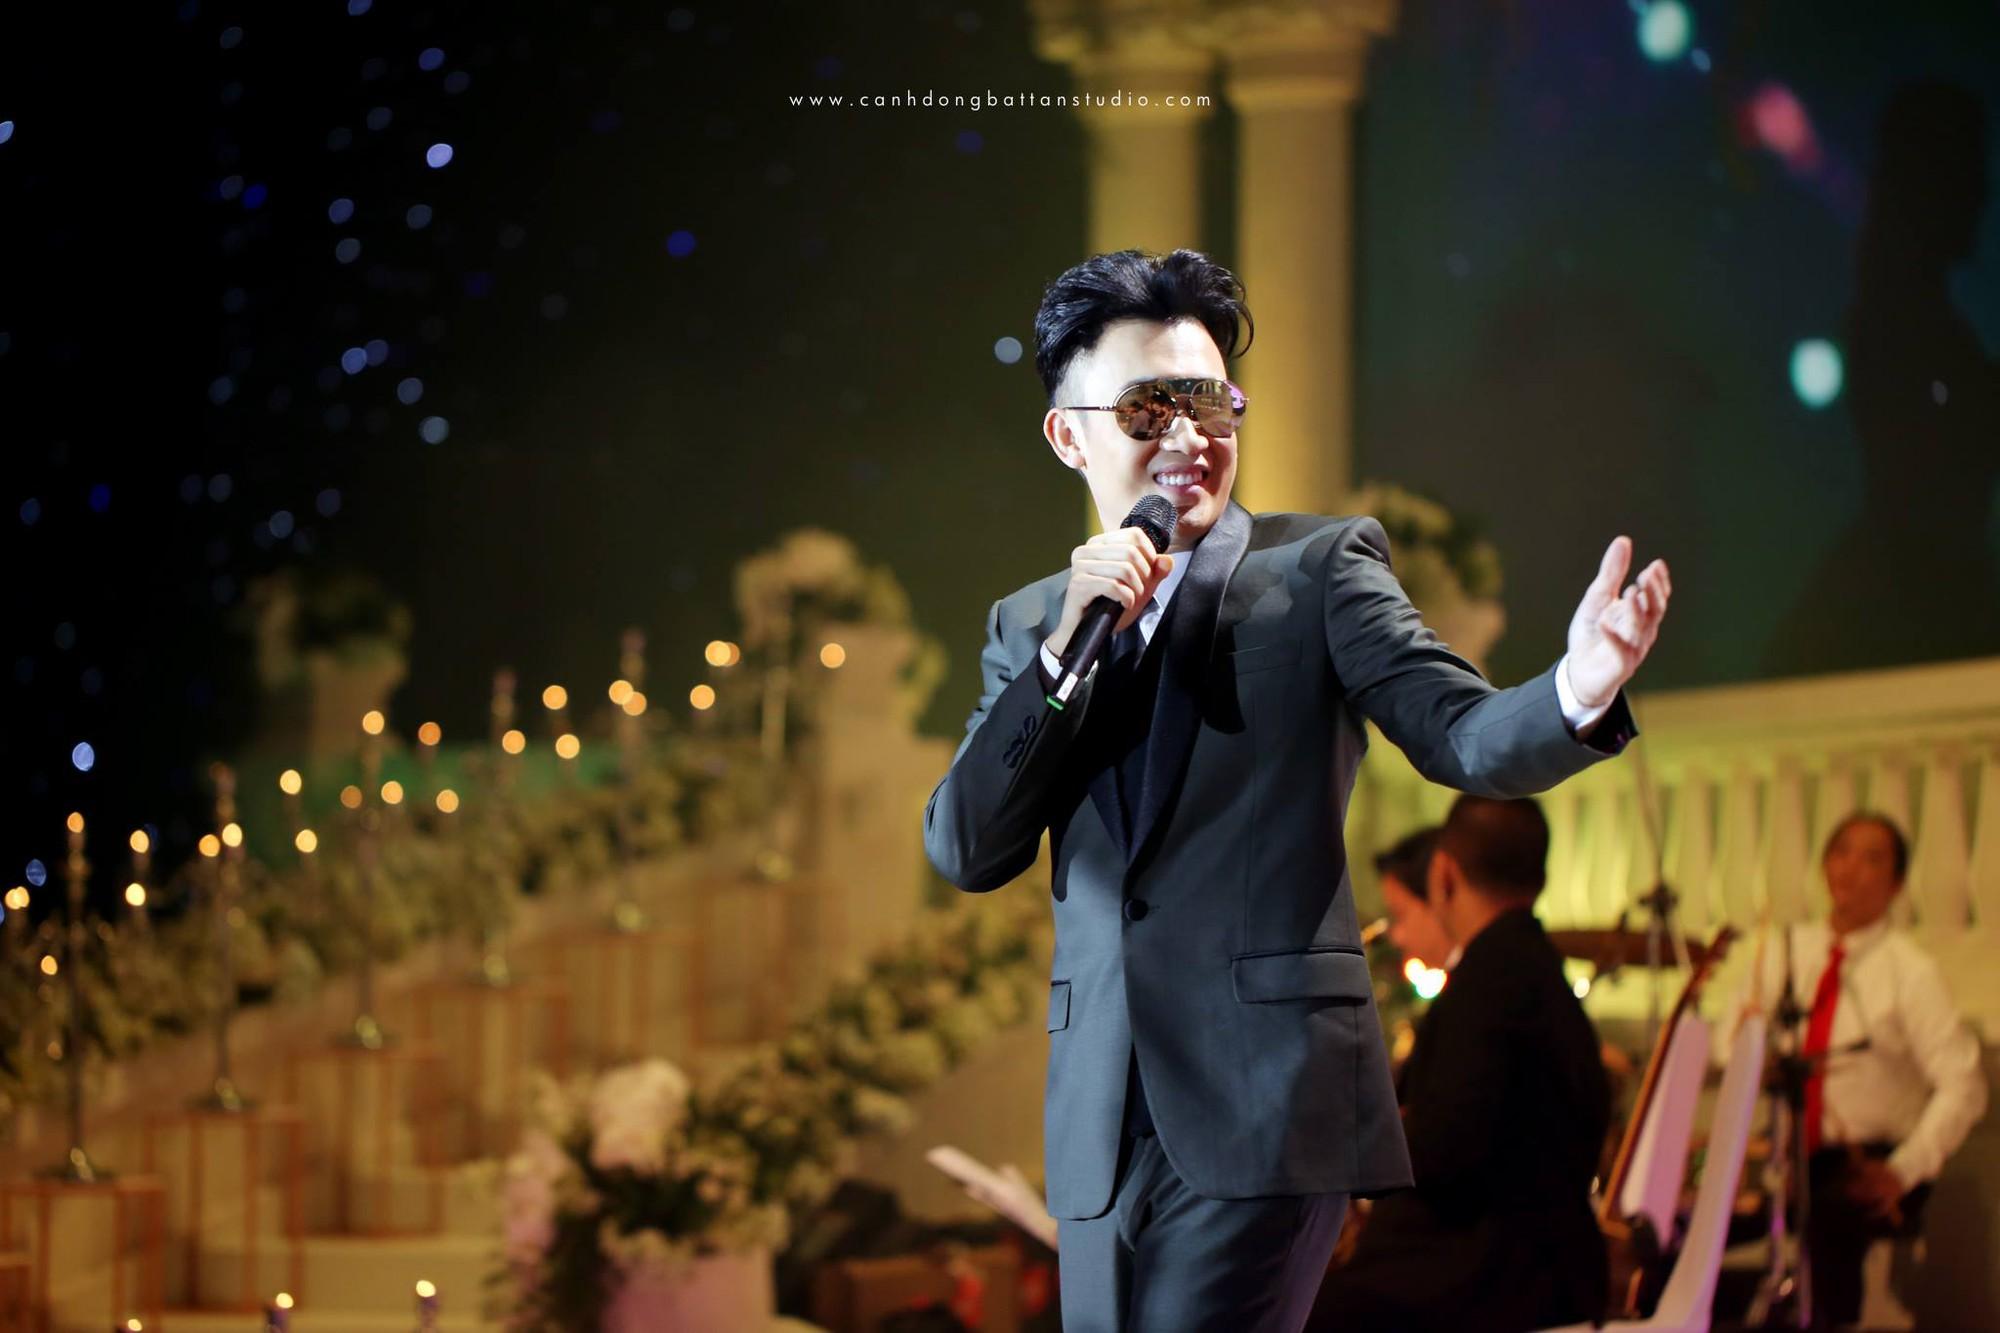 Đám cưới siêu khủng ở Đà Nẵng: Thuê nhà thi đấu có sức chứa hơn 7.000 khách, mời dàn ca sĩ nổi tiếng Đàm Vĩnh Hưng, Dương Triệu Vũ - Ảnh 10.